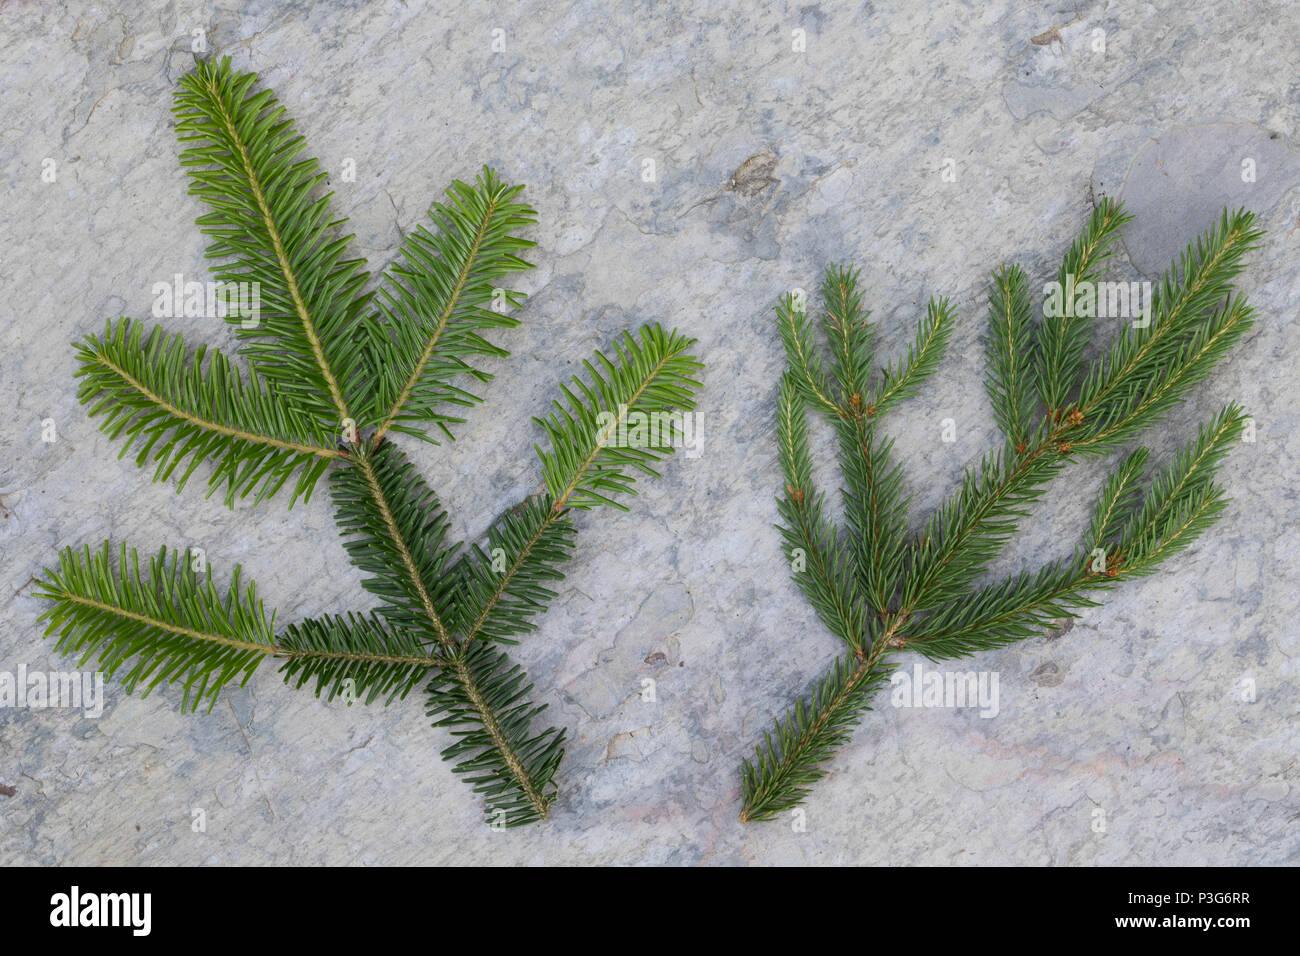 Vergleich Fichte (rechts), Weißtanne (links). Gewöhnliche Fichte, Fichte, Rot-Fichte, Rotfichte, Picea abies, Common Spruce, Spruce, Norway spruce, L' - Stock Image